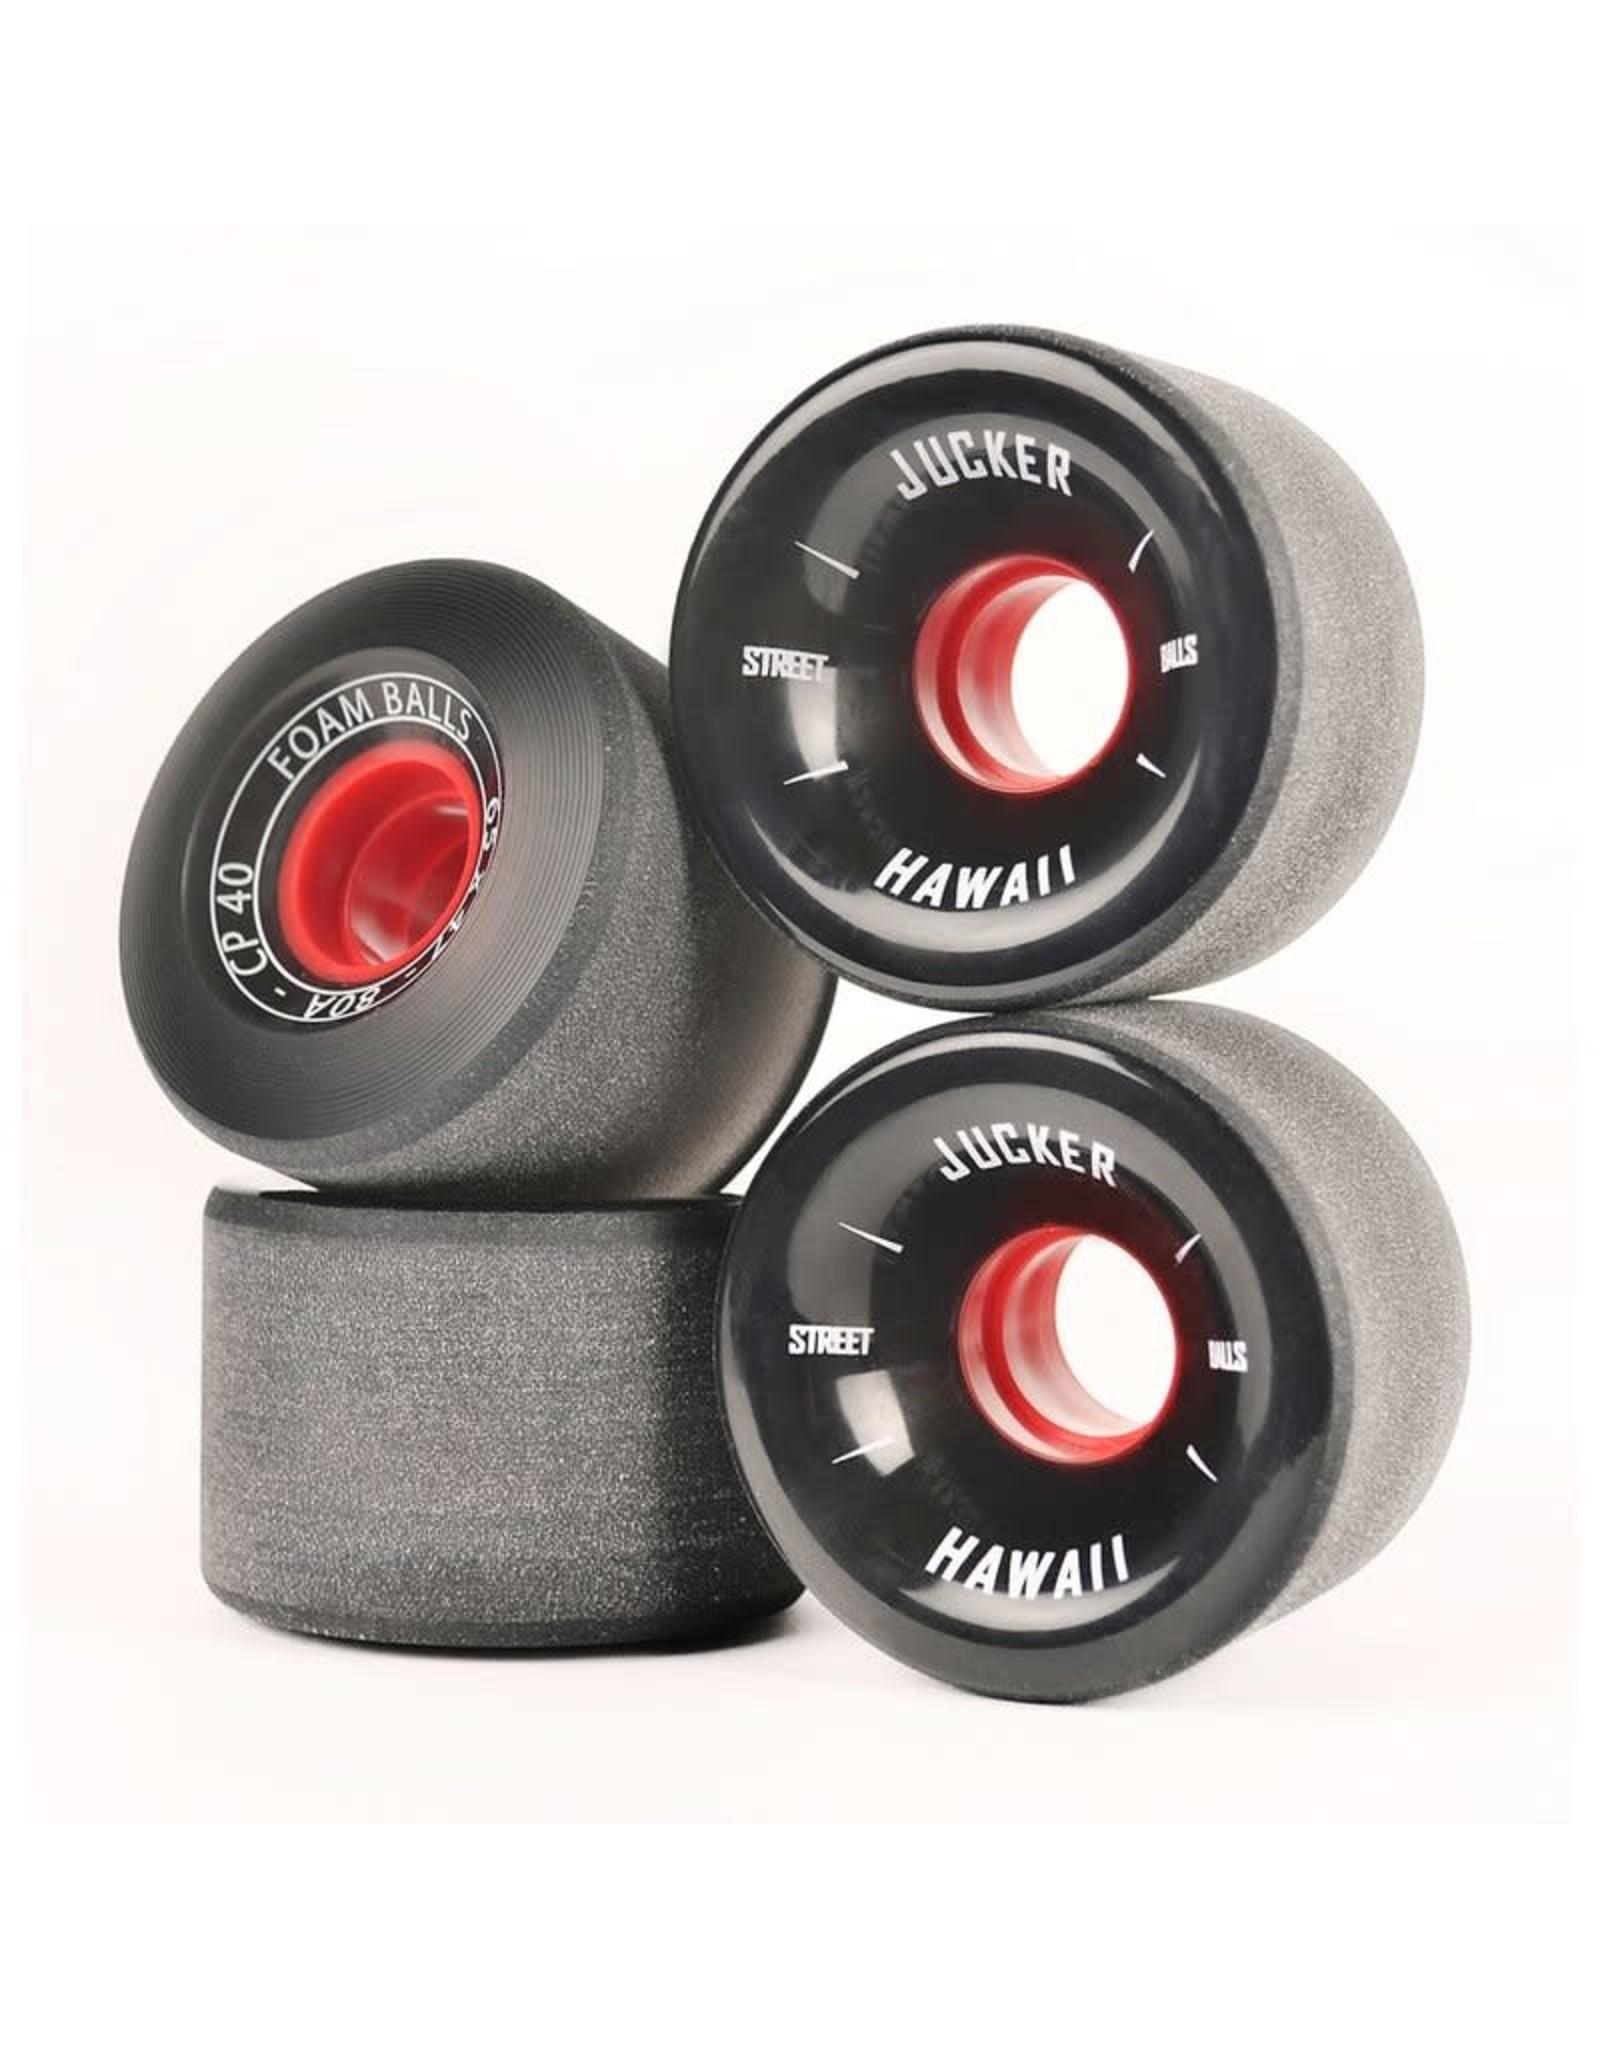 Jucker Hawaii Jucker Hawaii 65mm Longboard Skate Wheels FOAM BALLS 65mm 80A CP40 (4er)